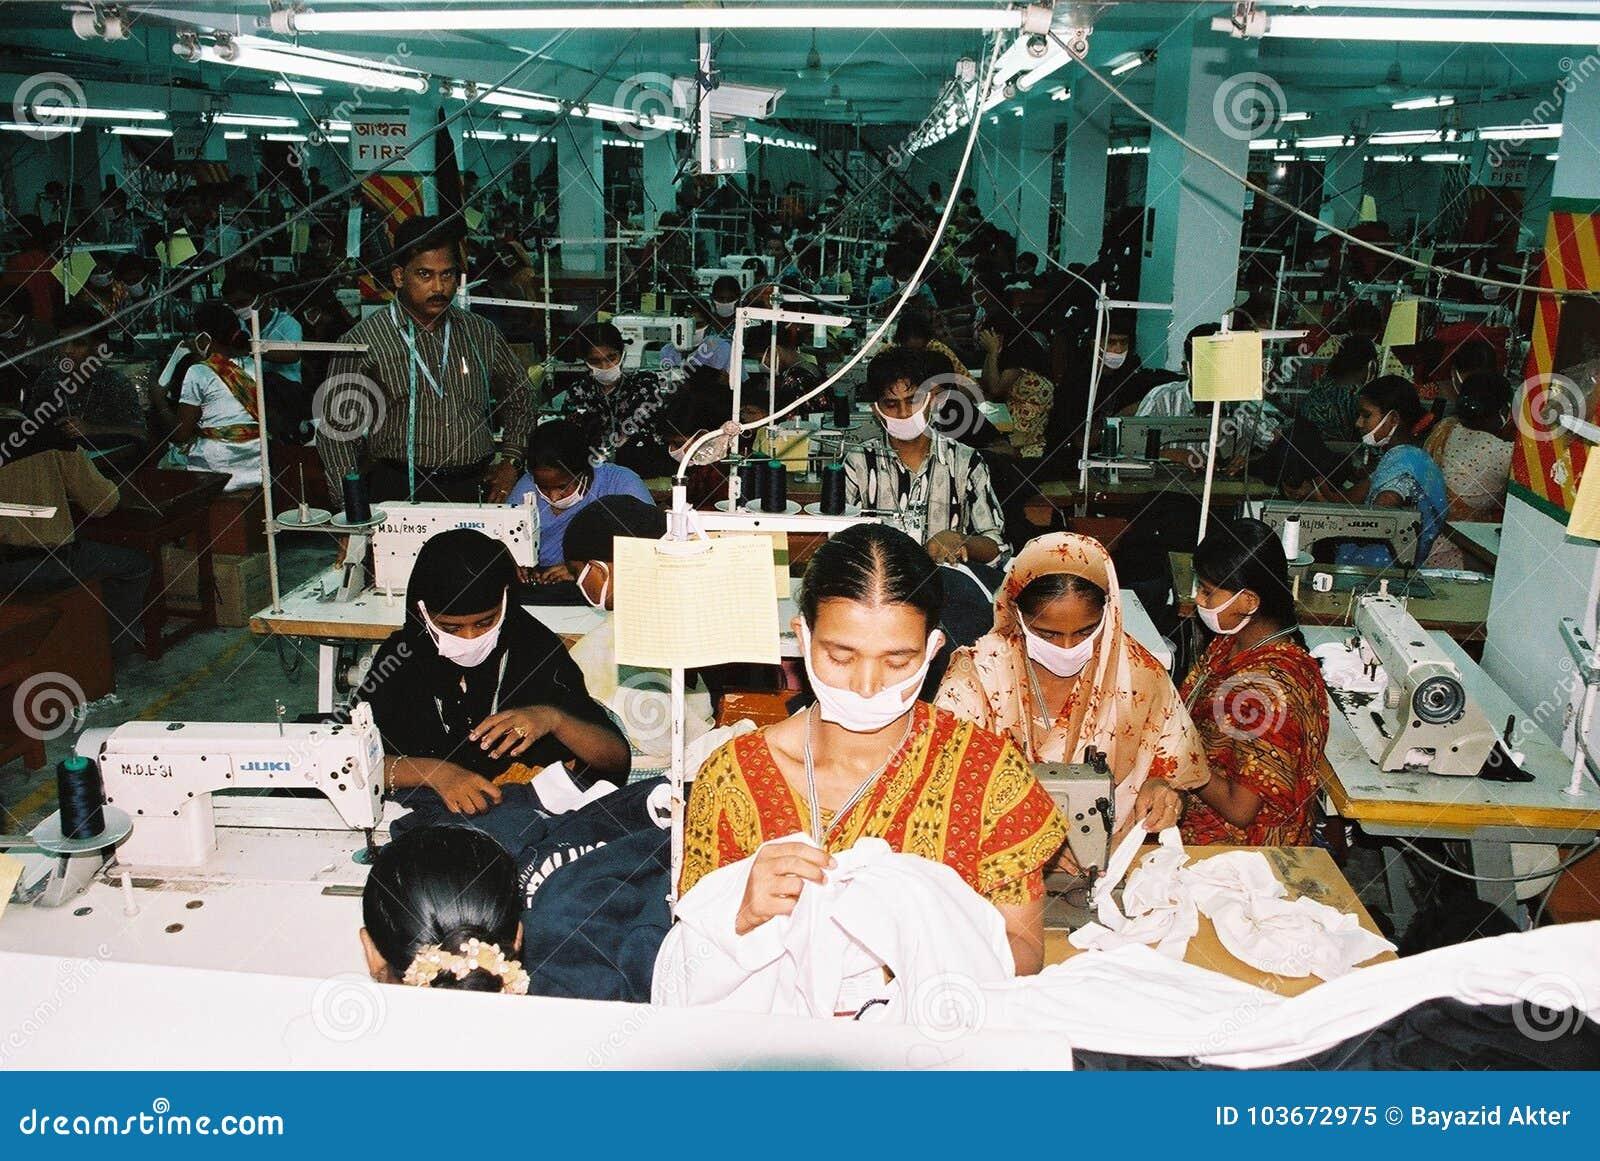 Industria de ropa en Bangladesh